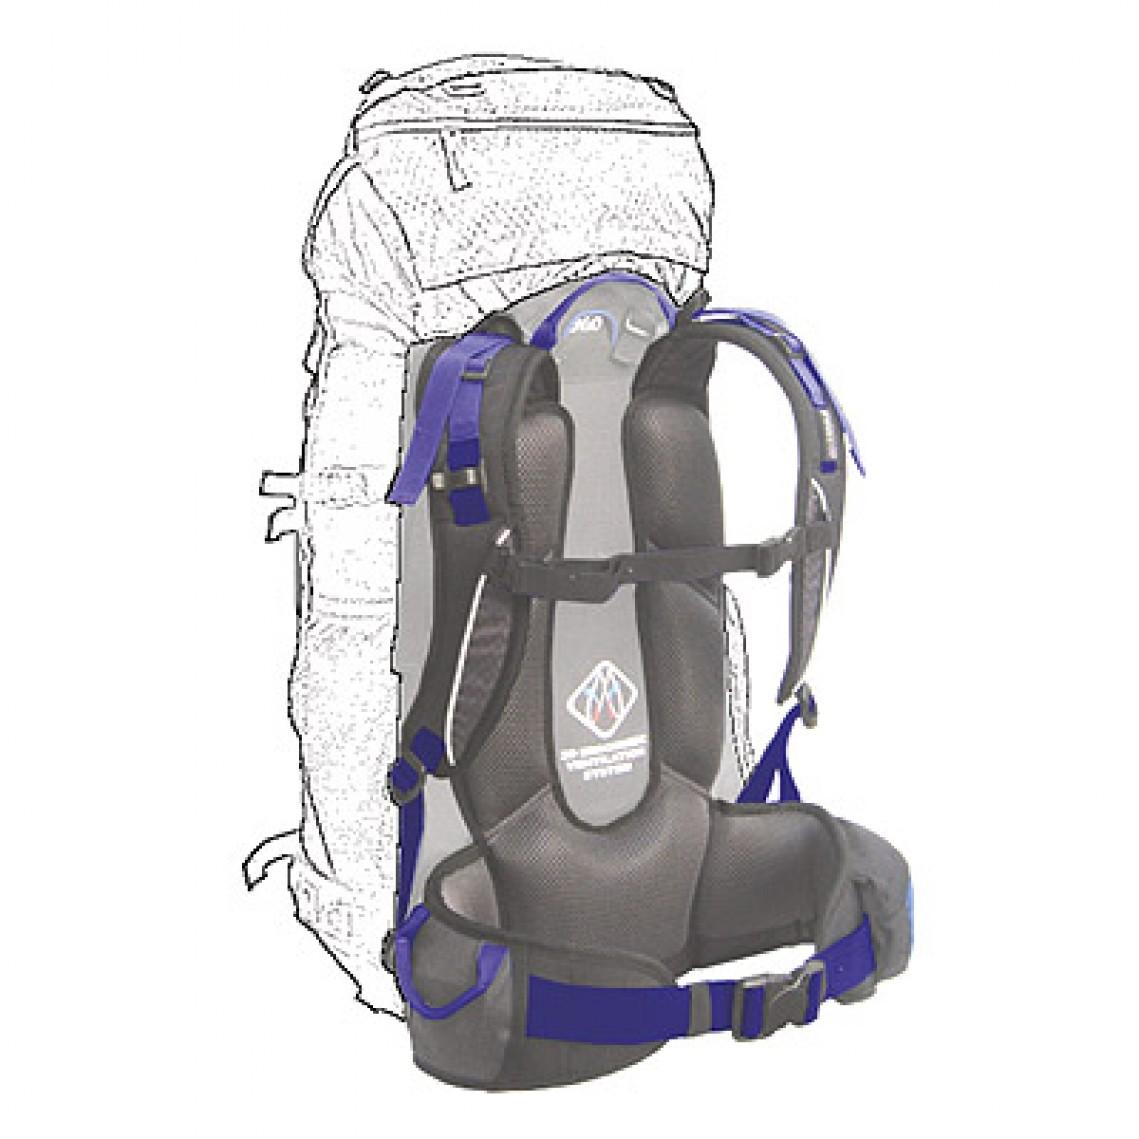 Схема бескаркасного рюкзака